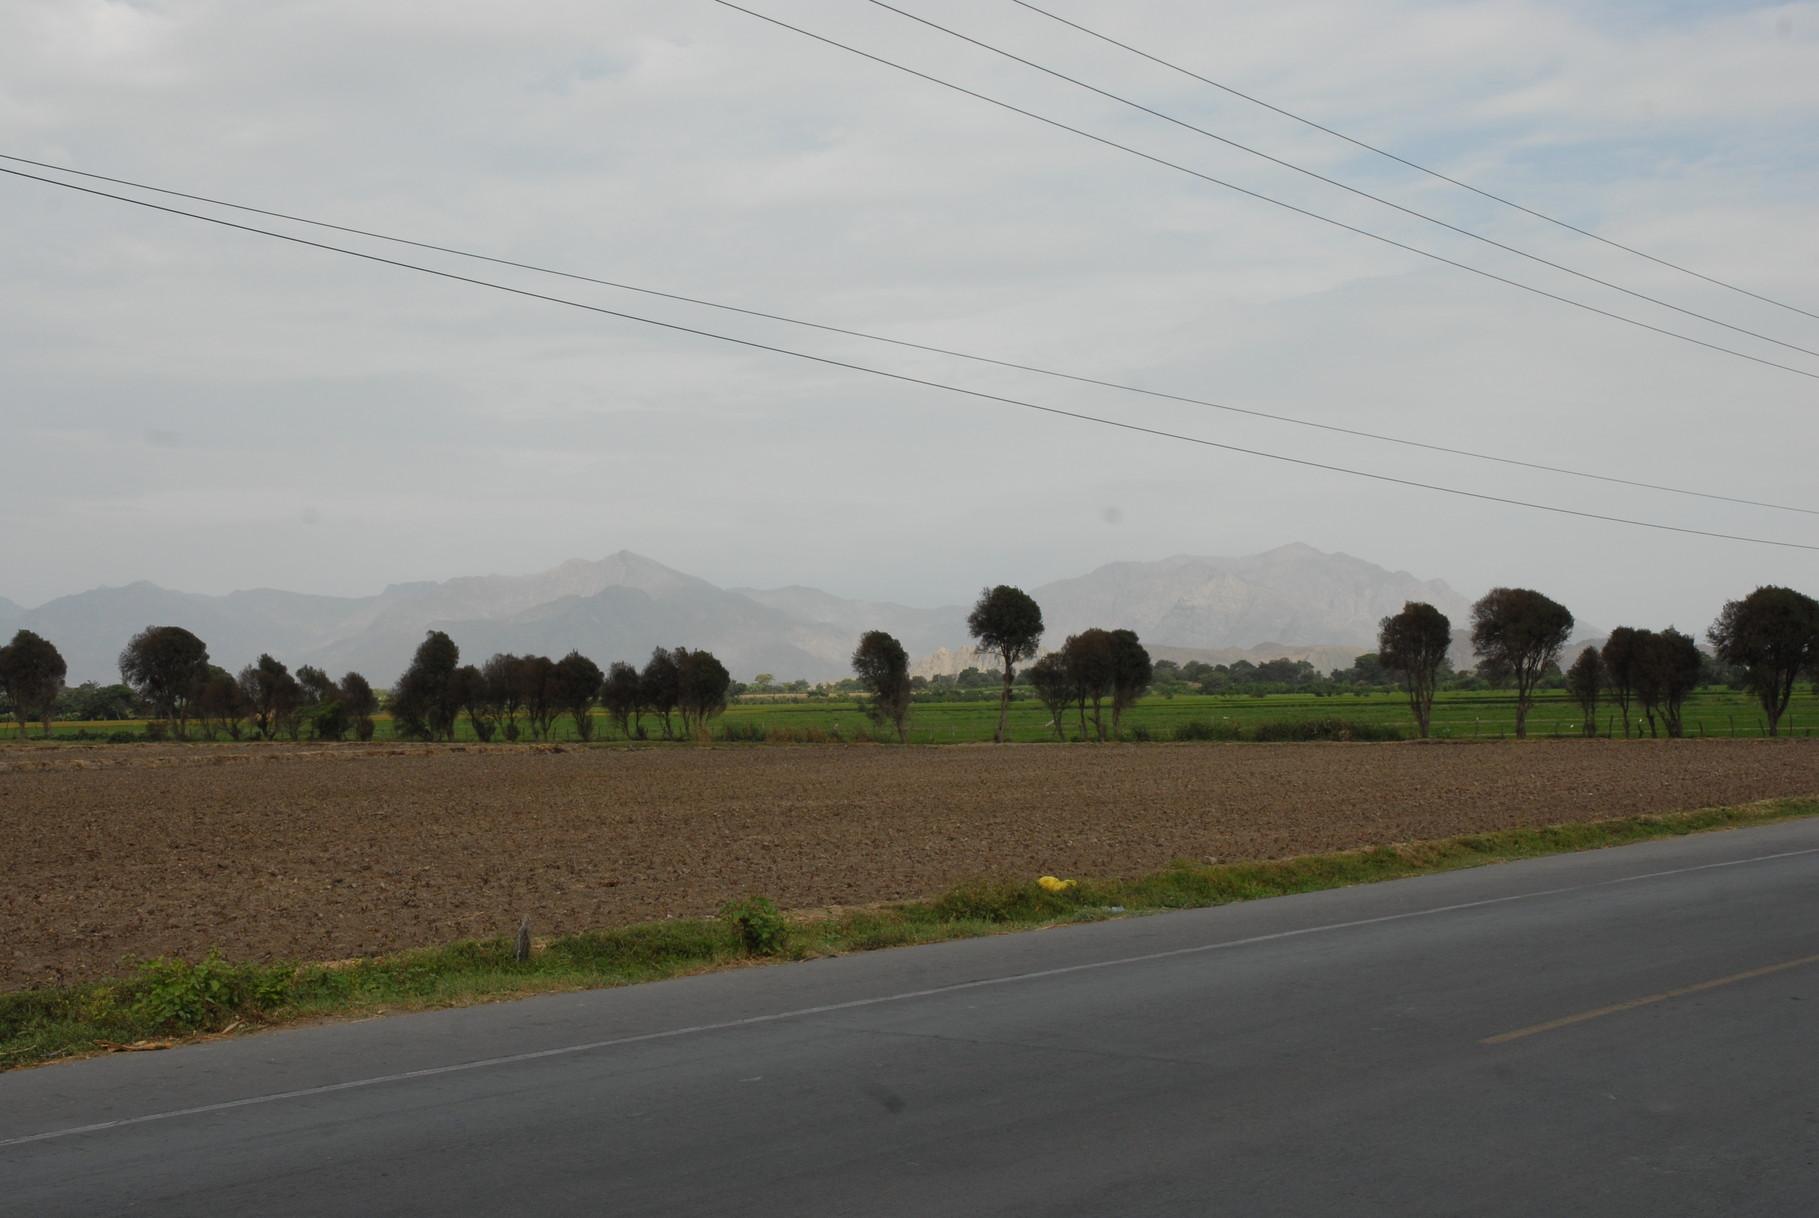 Kurz vor Chiclayo ... Landscape ...